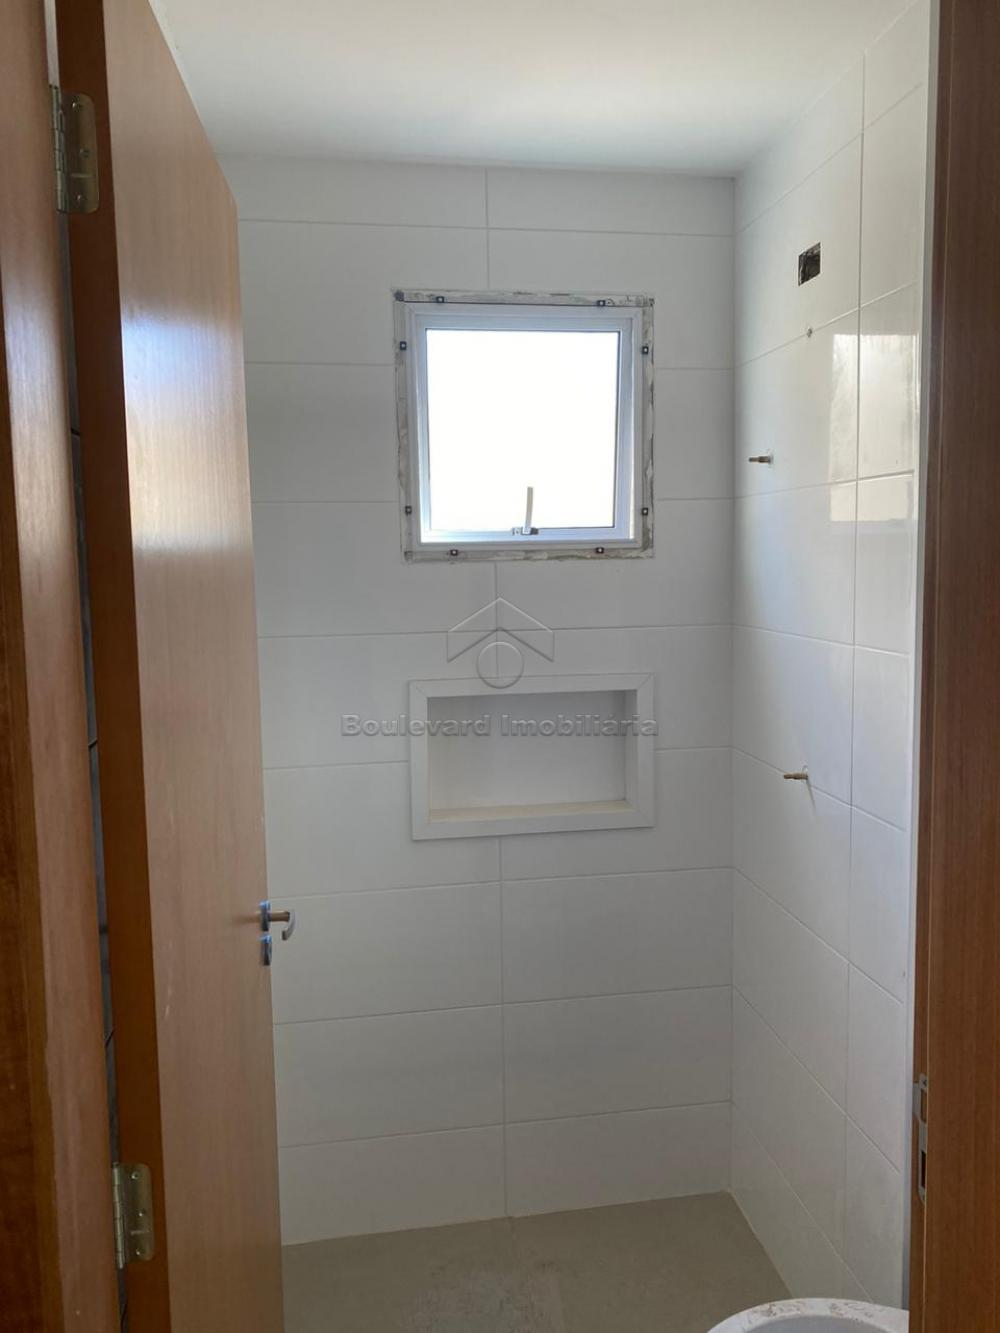 Alugar Apartamento / Padrão em Ribeirão Preto R$ 1.000,00 - Foto 3